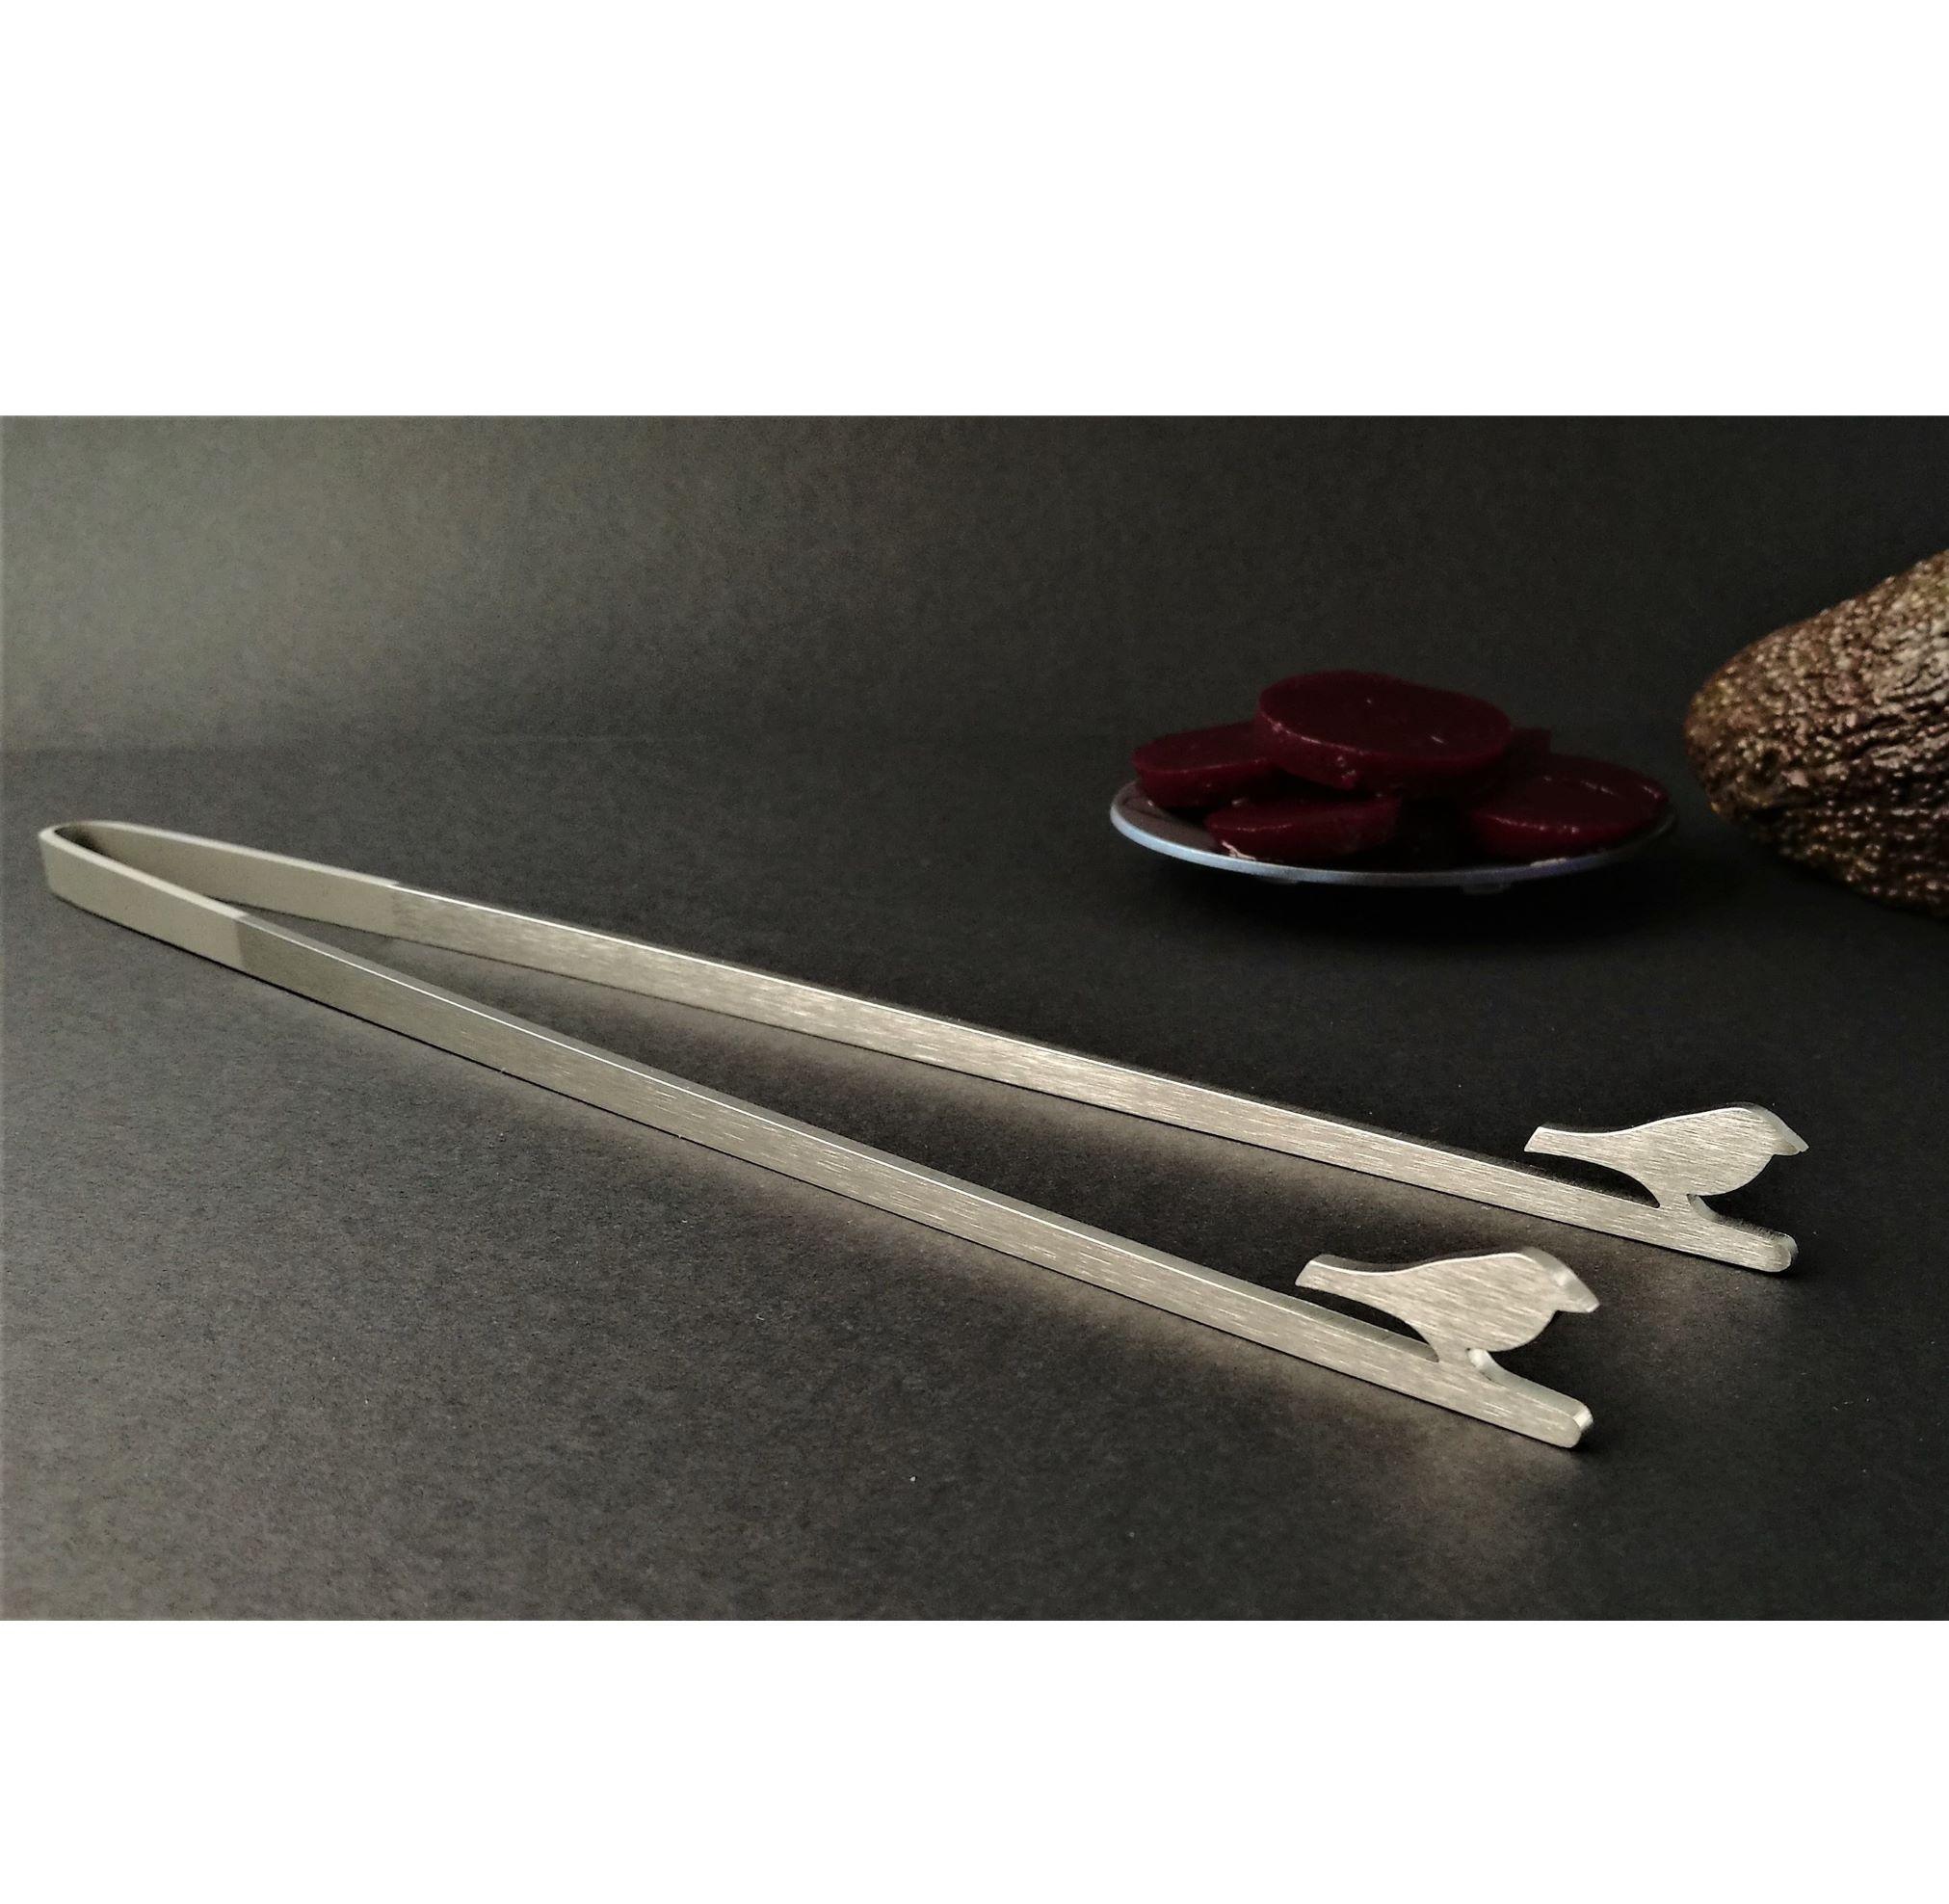 Kitchen tweezers - Brushed